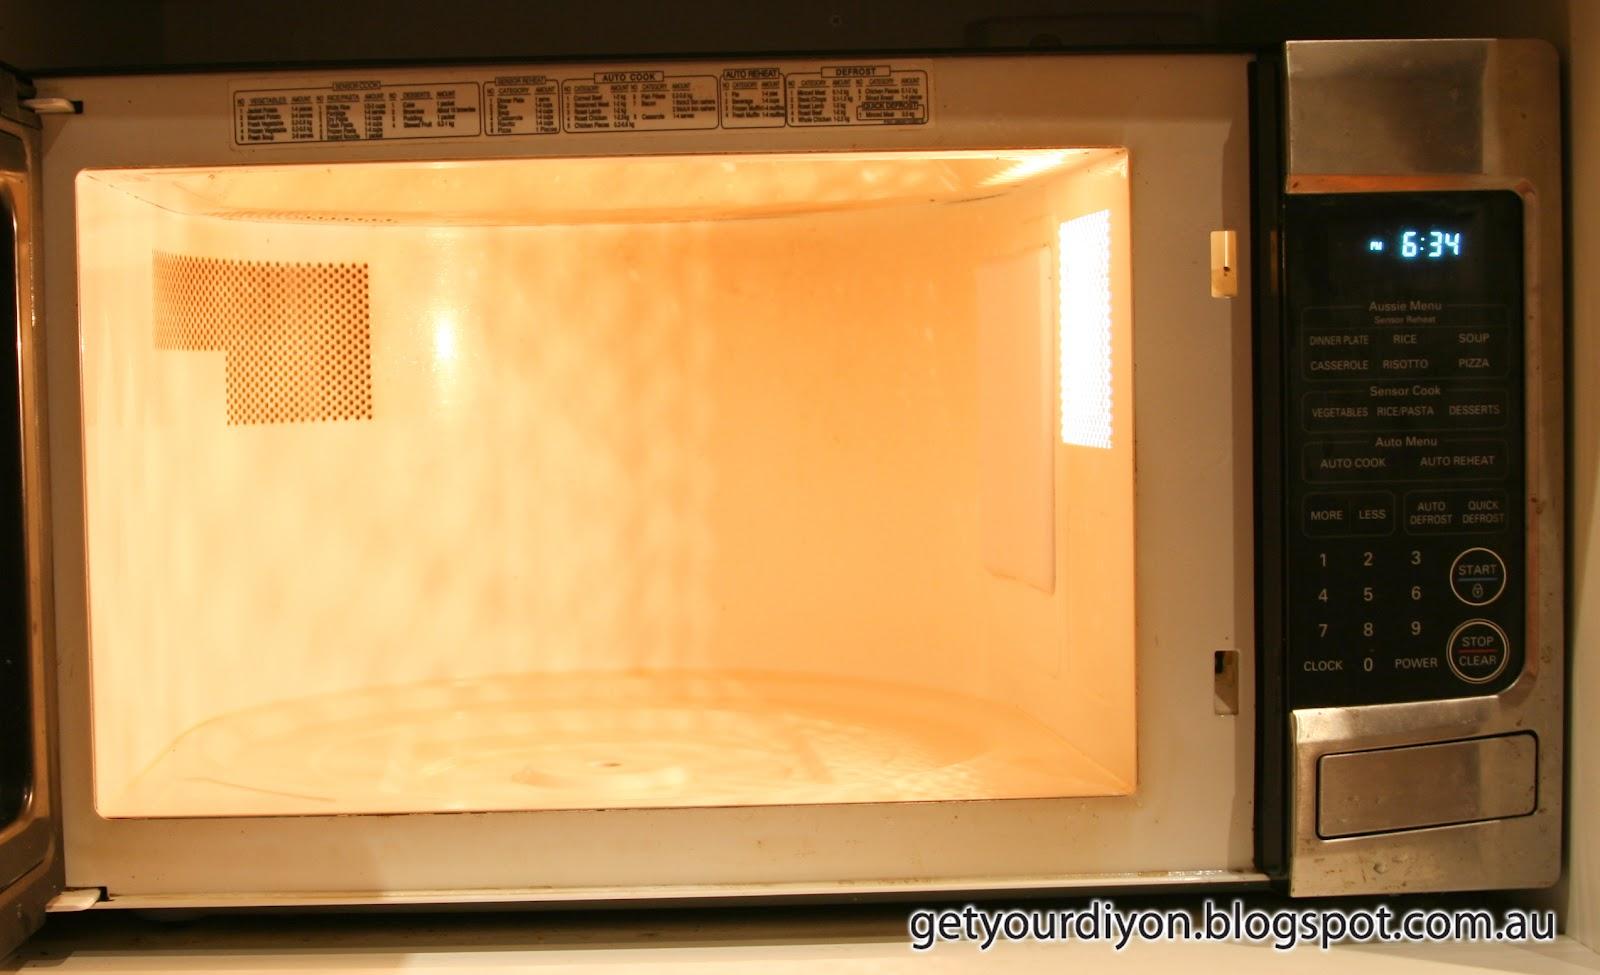 how to open a microwave door that is broken